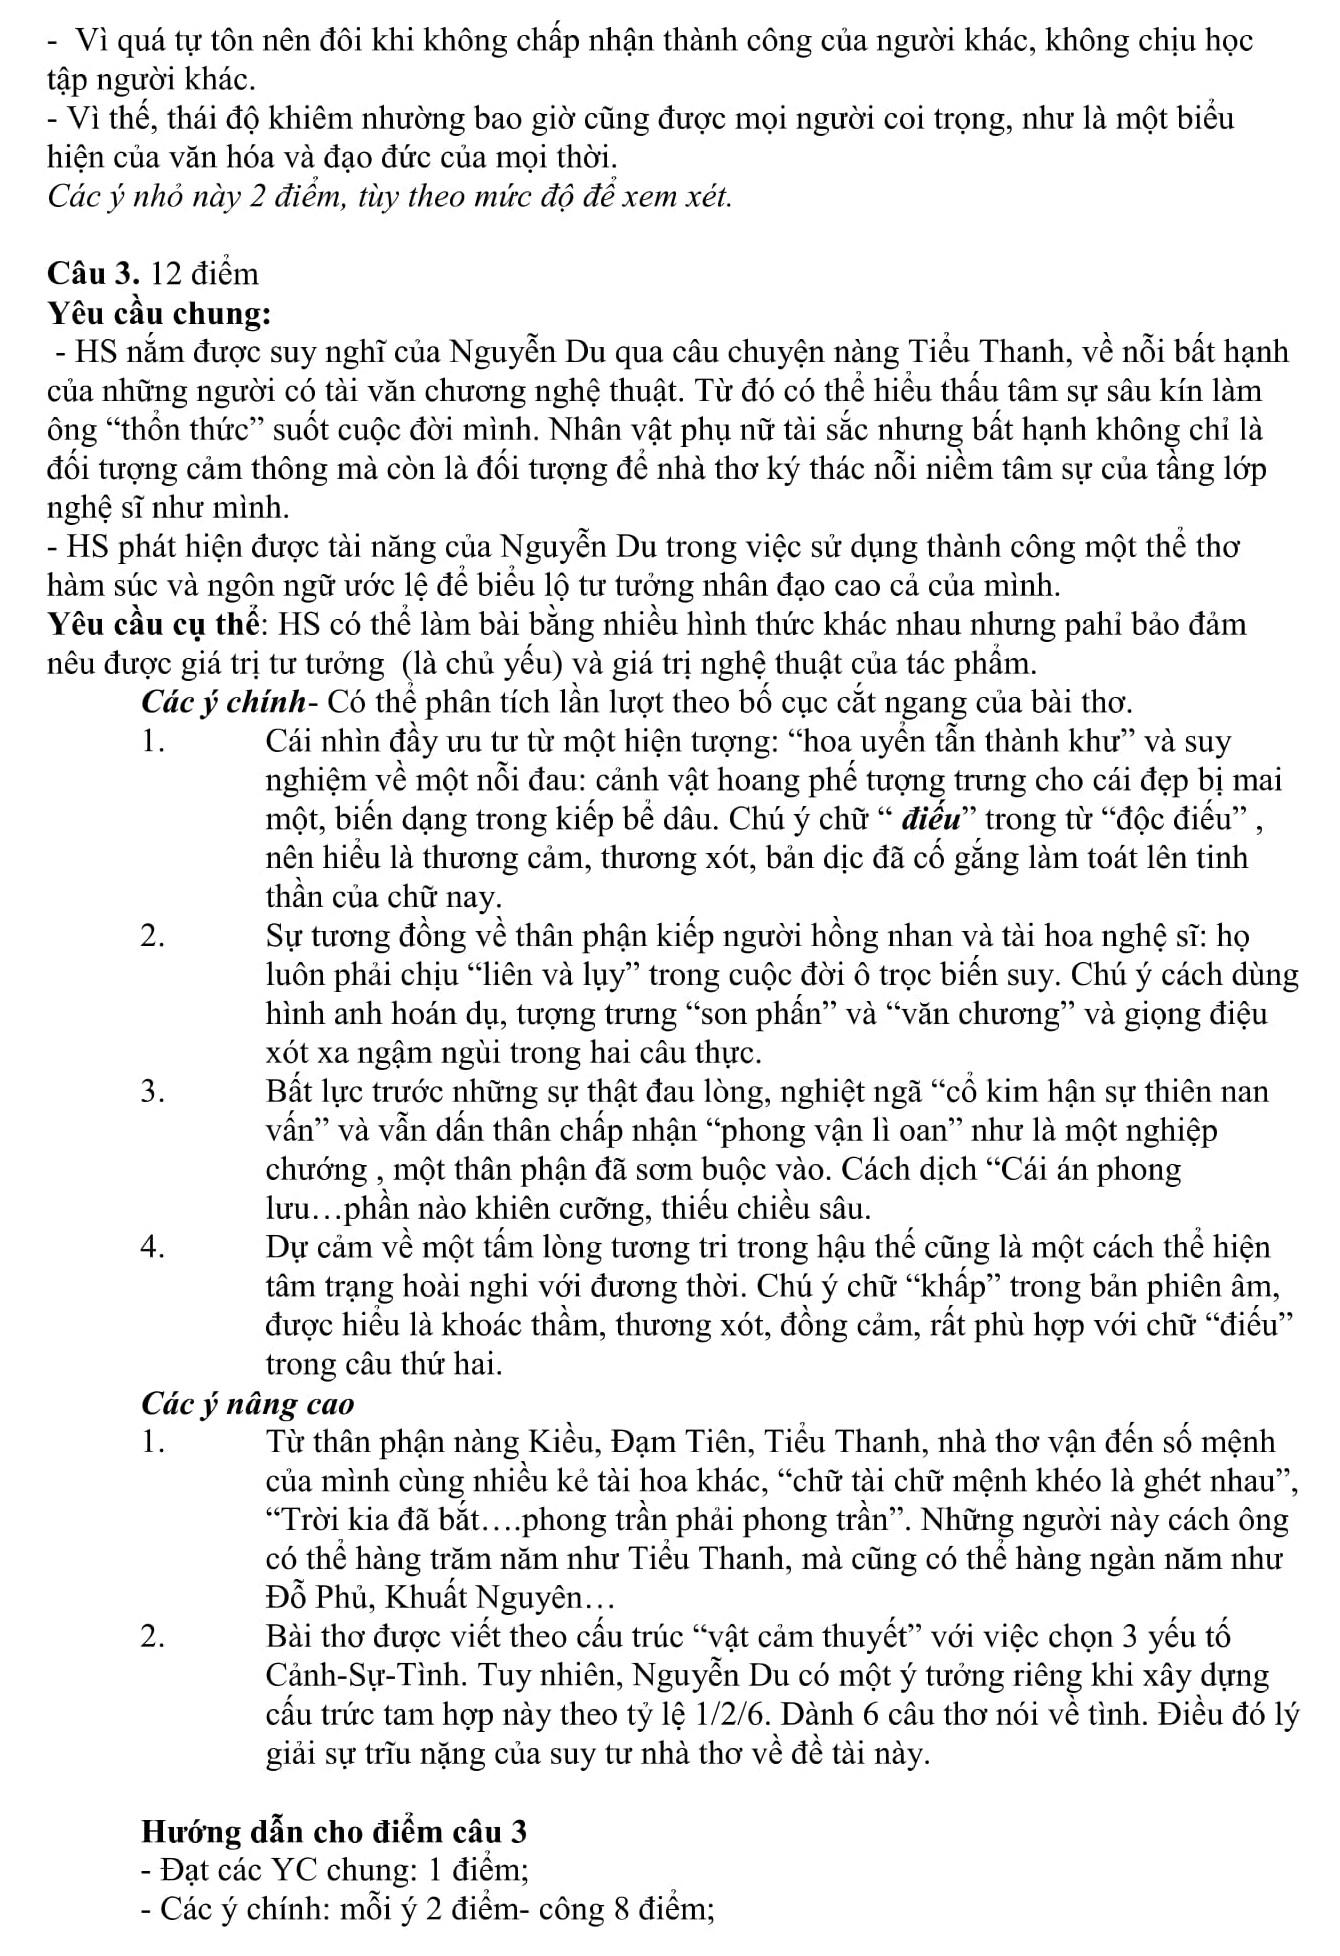 Đáp án và đề thi HSG Ngữ Văn 11 sở GD&ĐT Quảng Trị 2012-2013